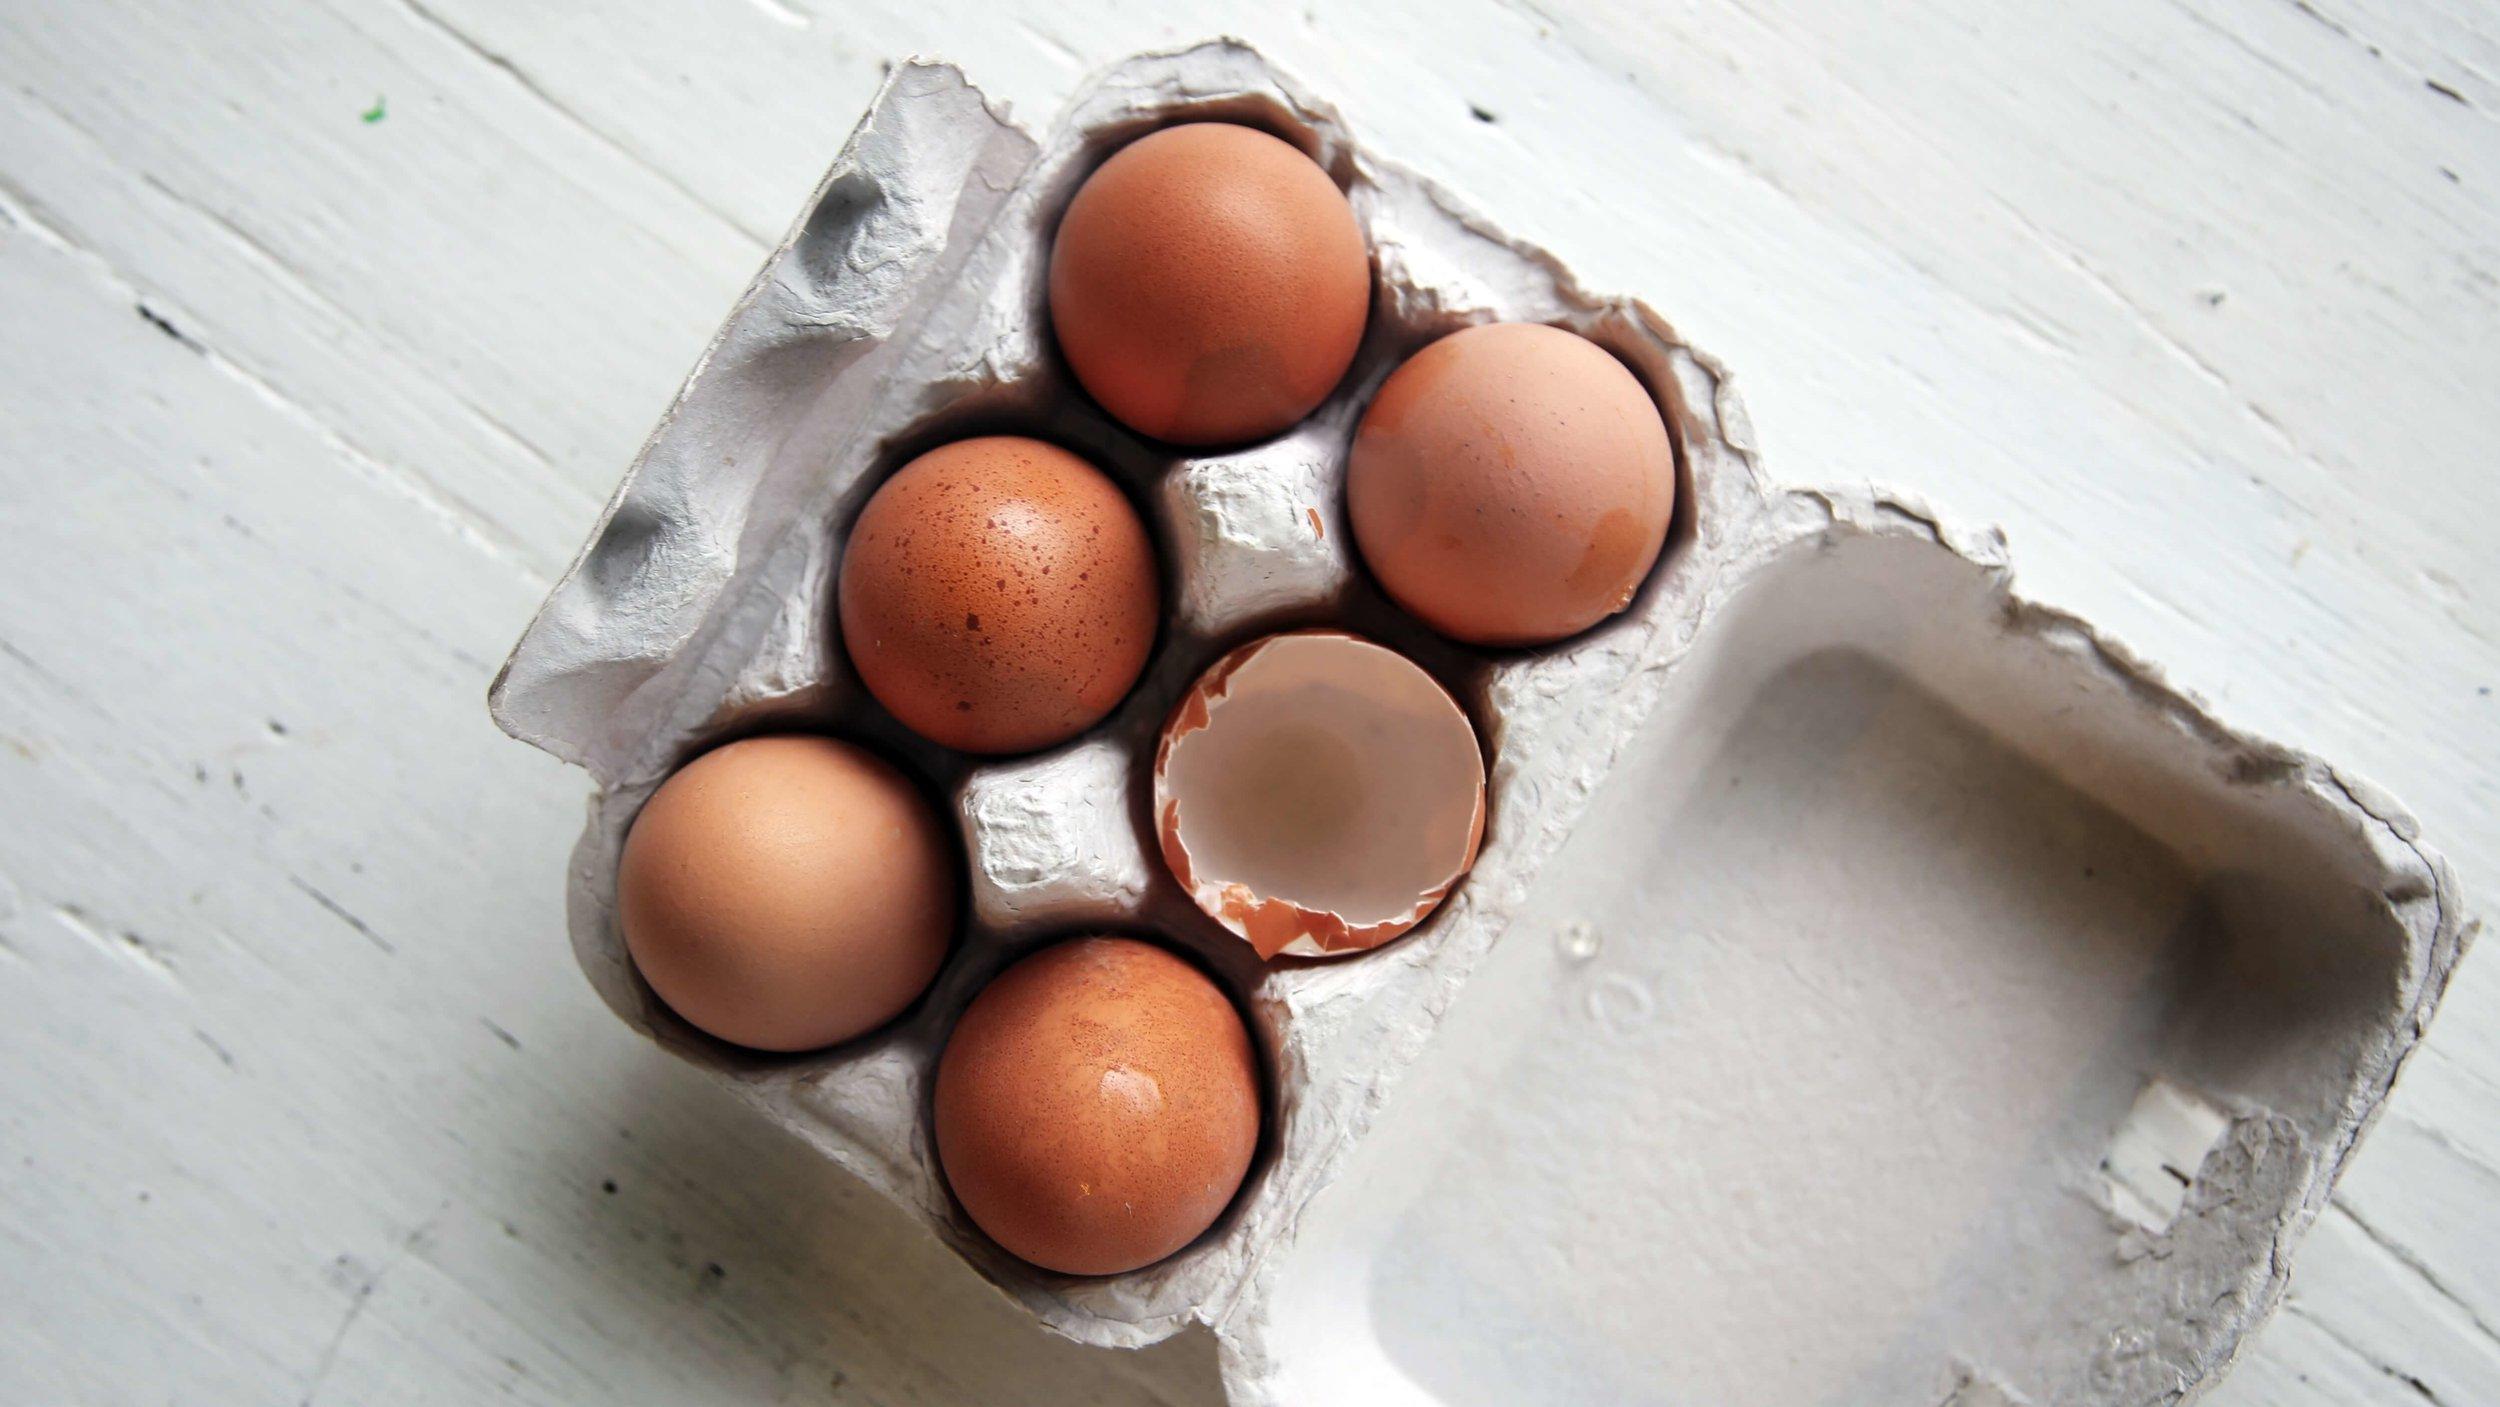 huevos el alimento mas nutritivo.jpg